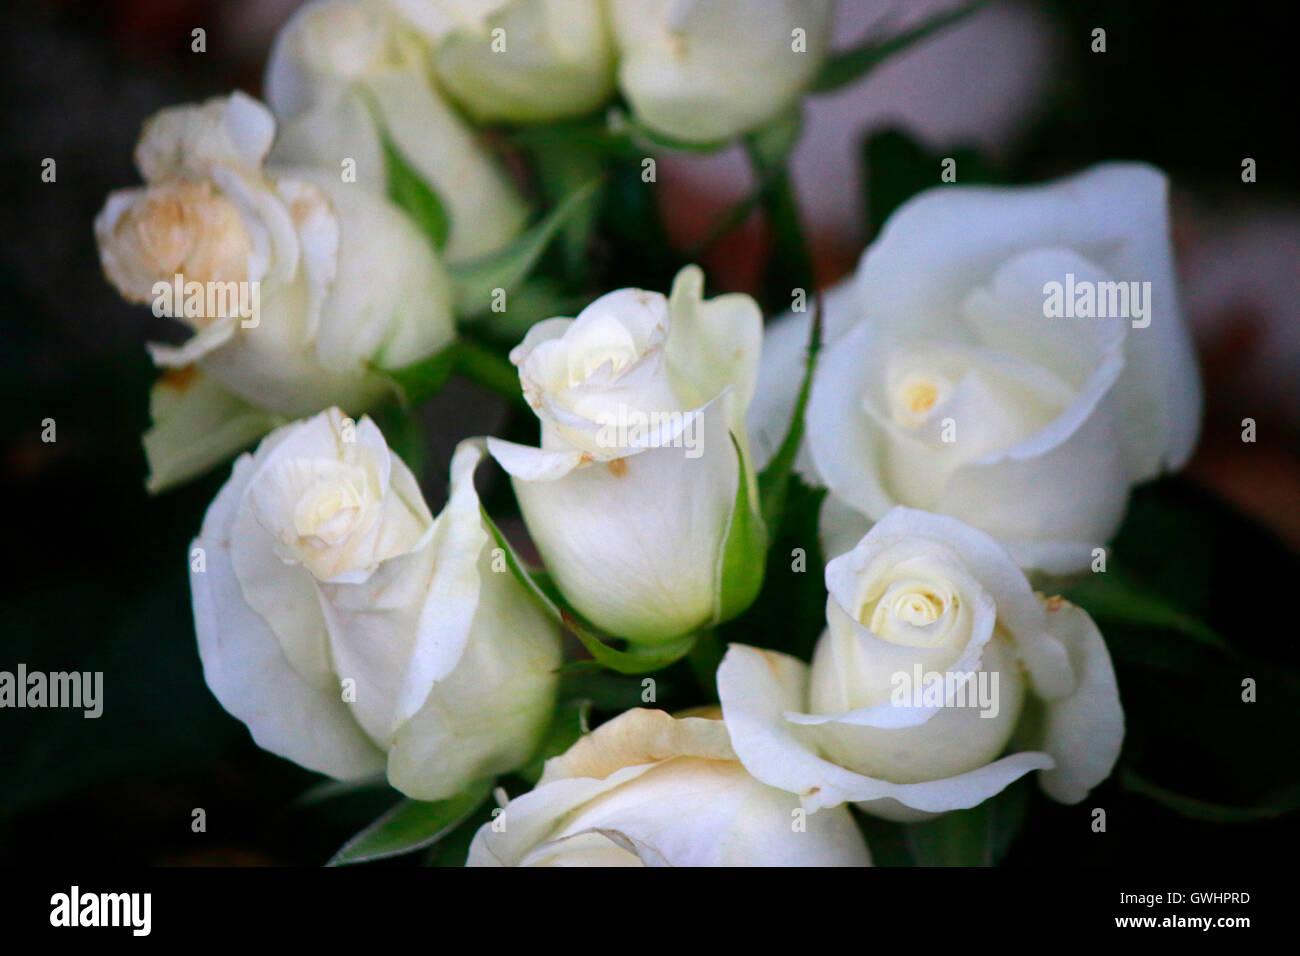 Blumen Rosen weiße Trauer symbolischen Charakter Stockbild